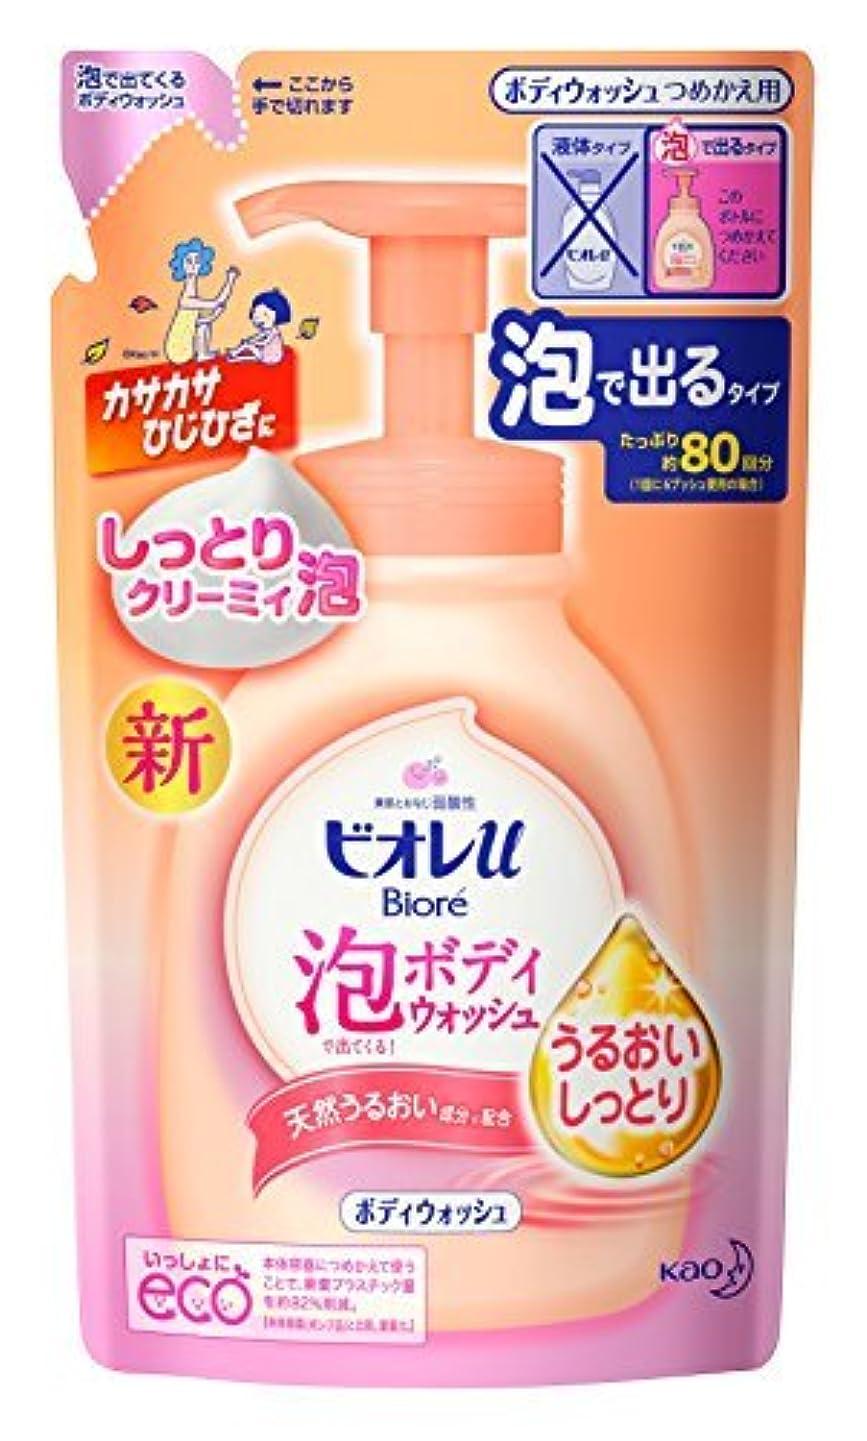 暴露する加速度カードビオレu 泡で出てくるボディウォッシュ うるおいしっとり つめかえ用 Japan